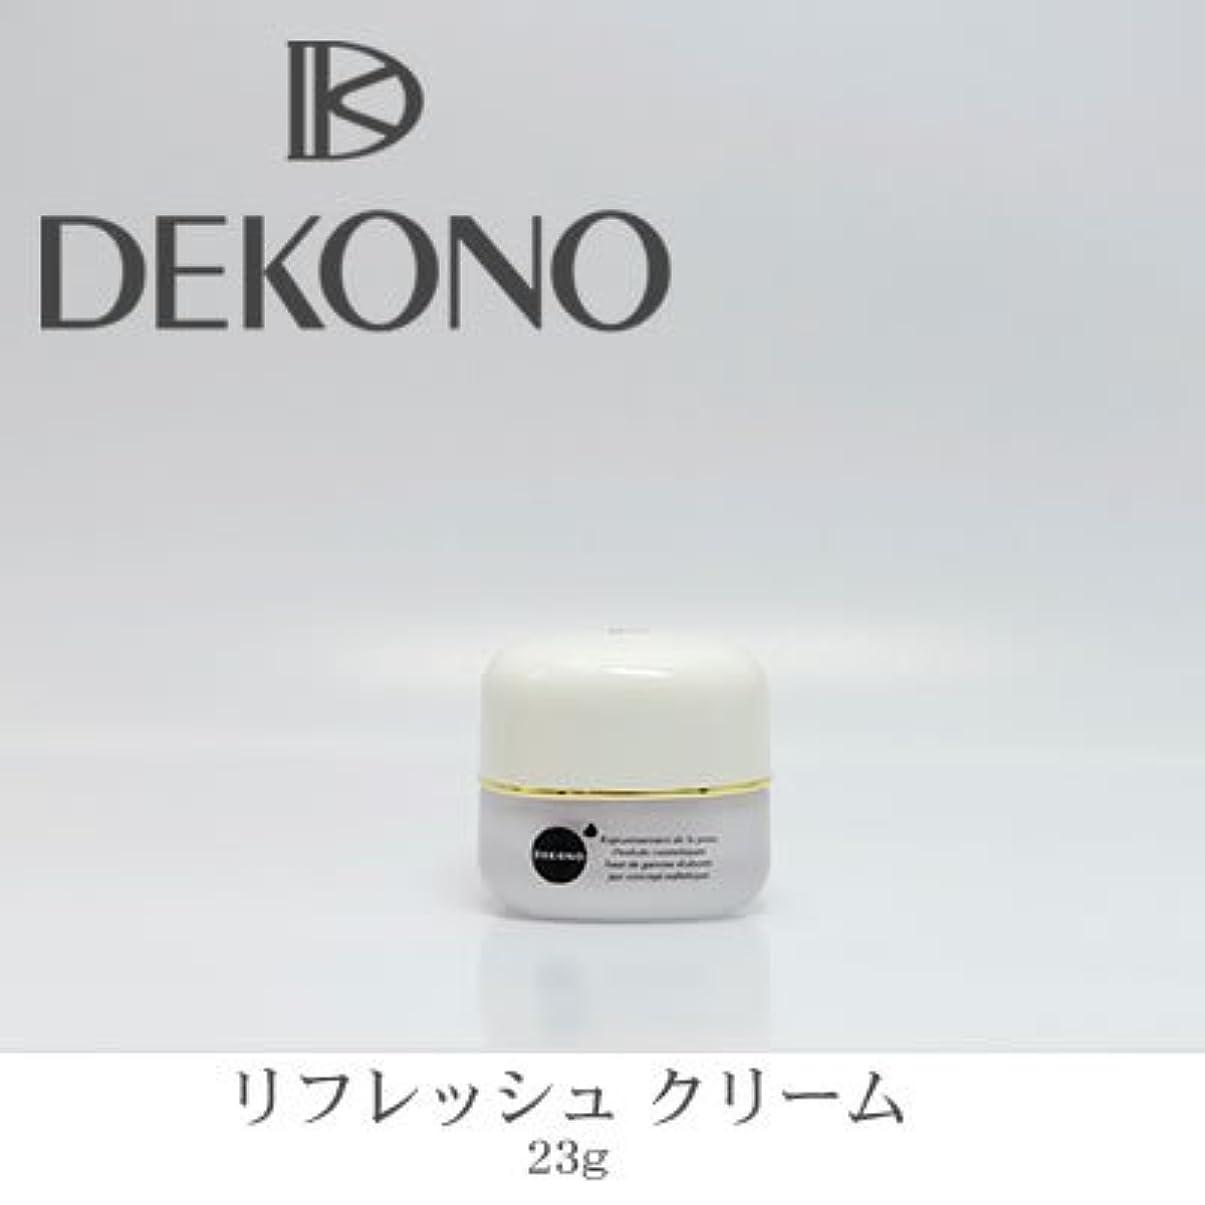 スクランブル遠足可動式DEKONO ディコーノ リフレッシュ クリーム 23g